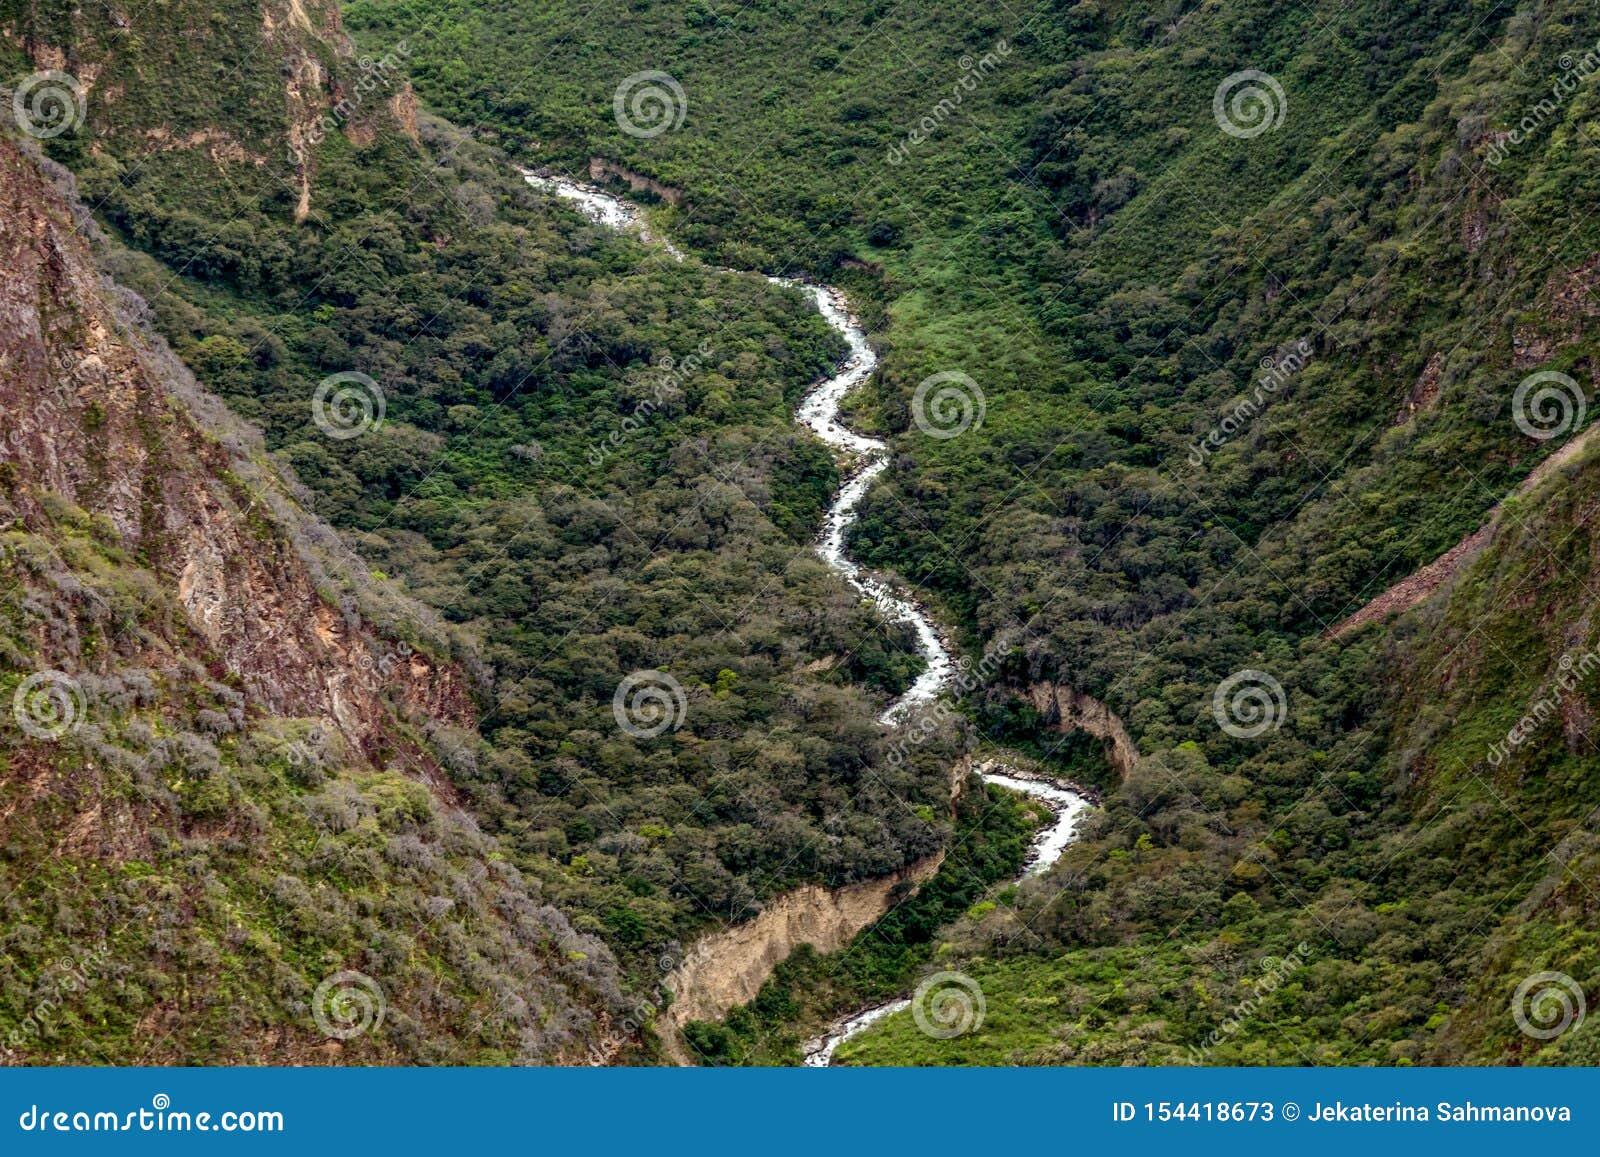 Il fiume White o Rio Blanco Valley con acqua corrente veloce fra le pietre, Perù